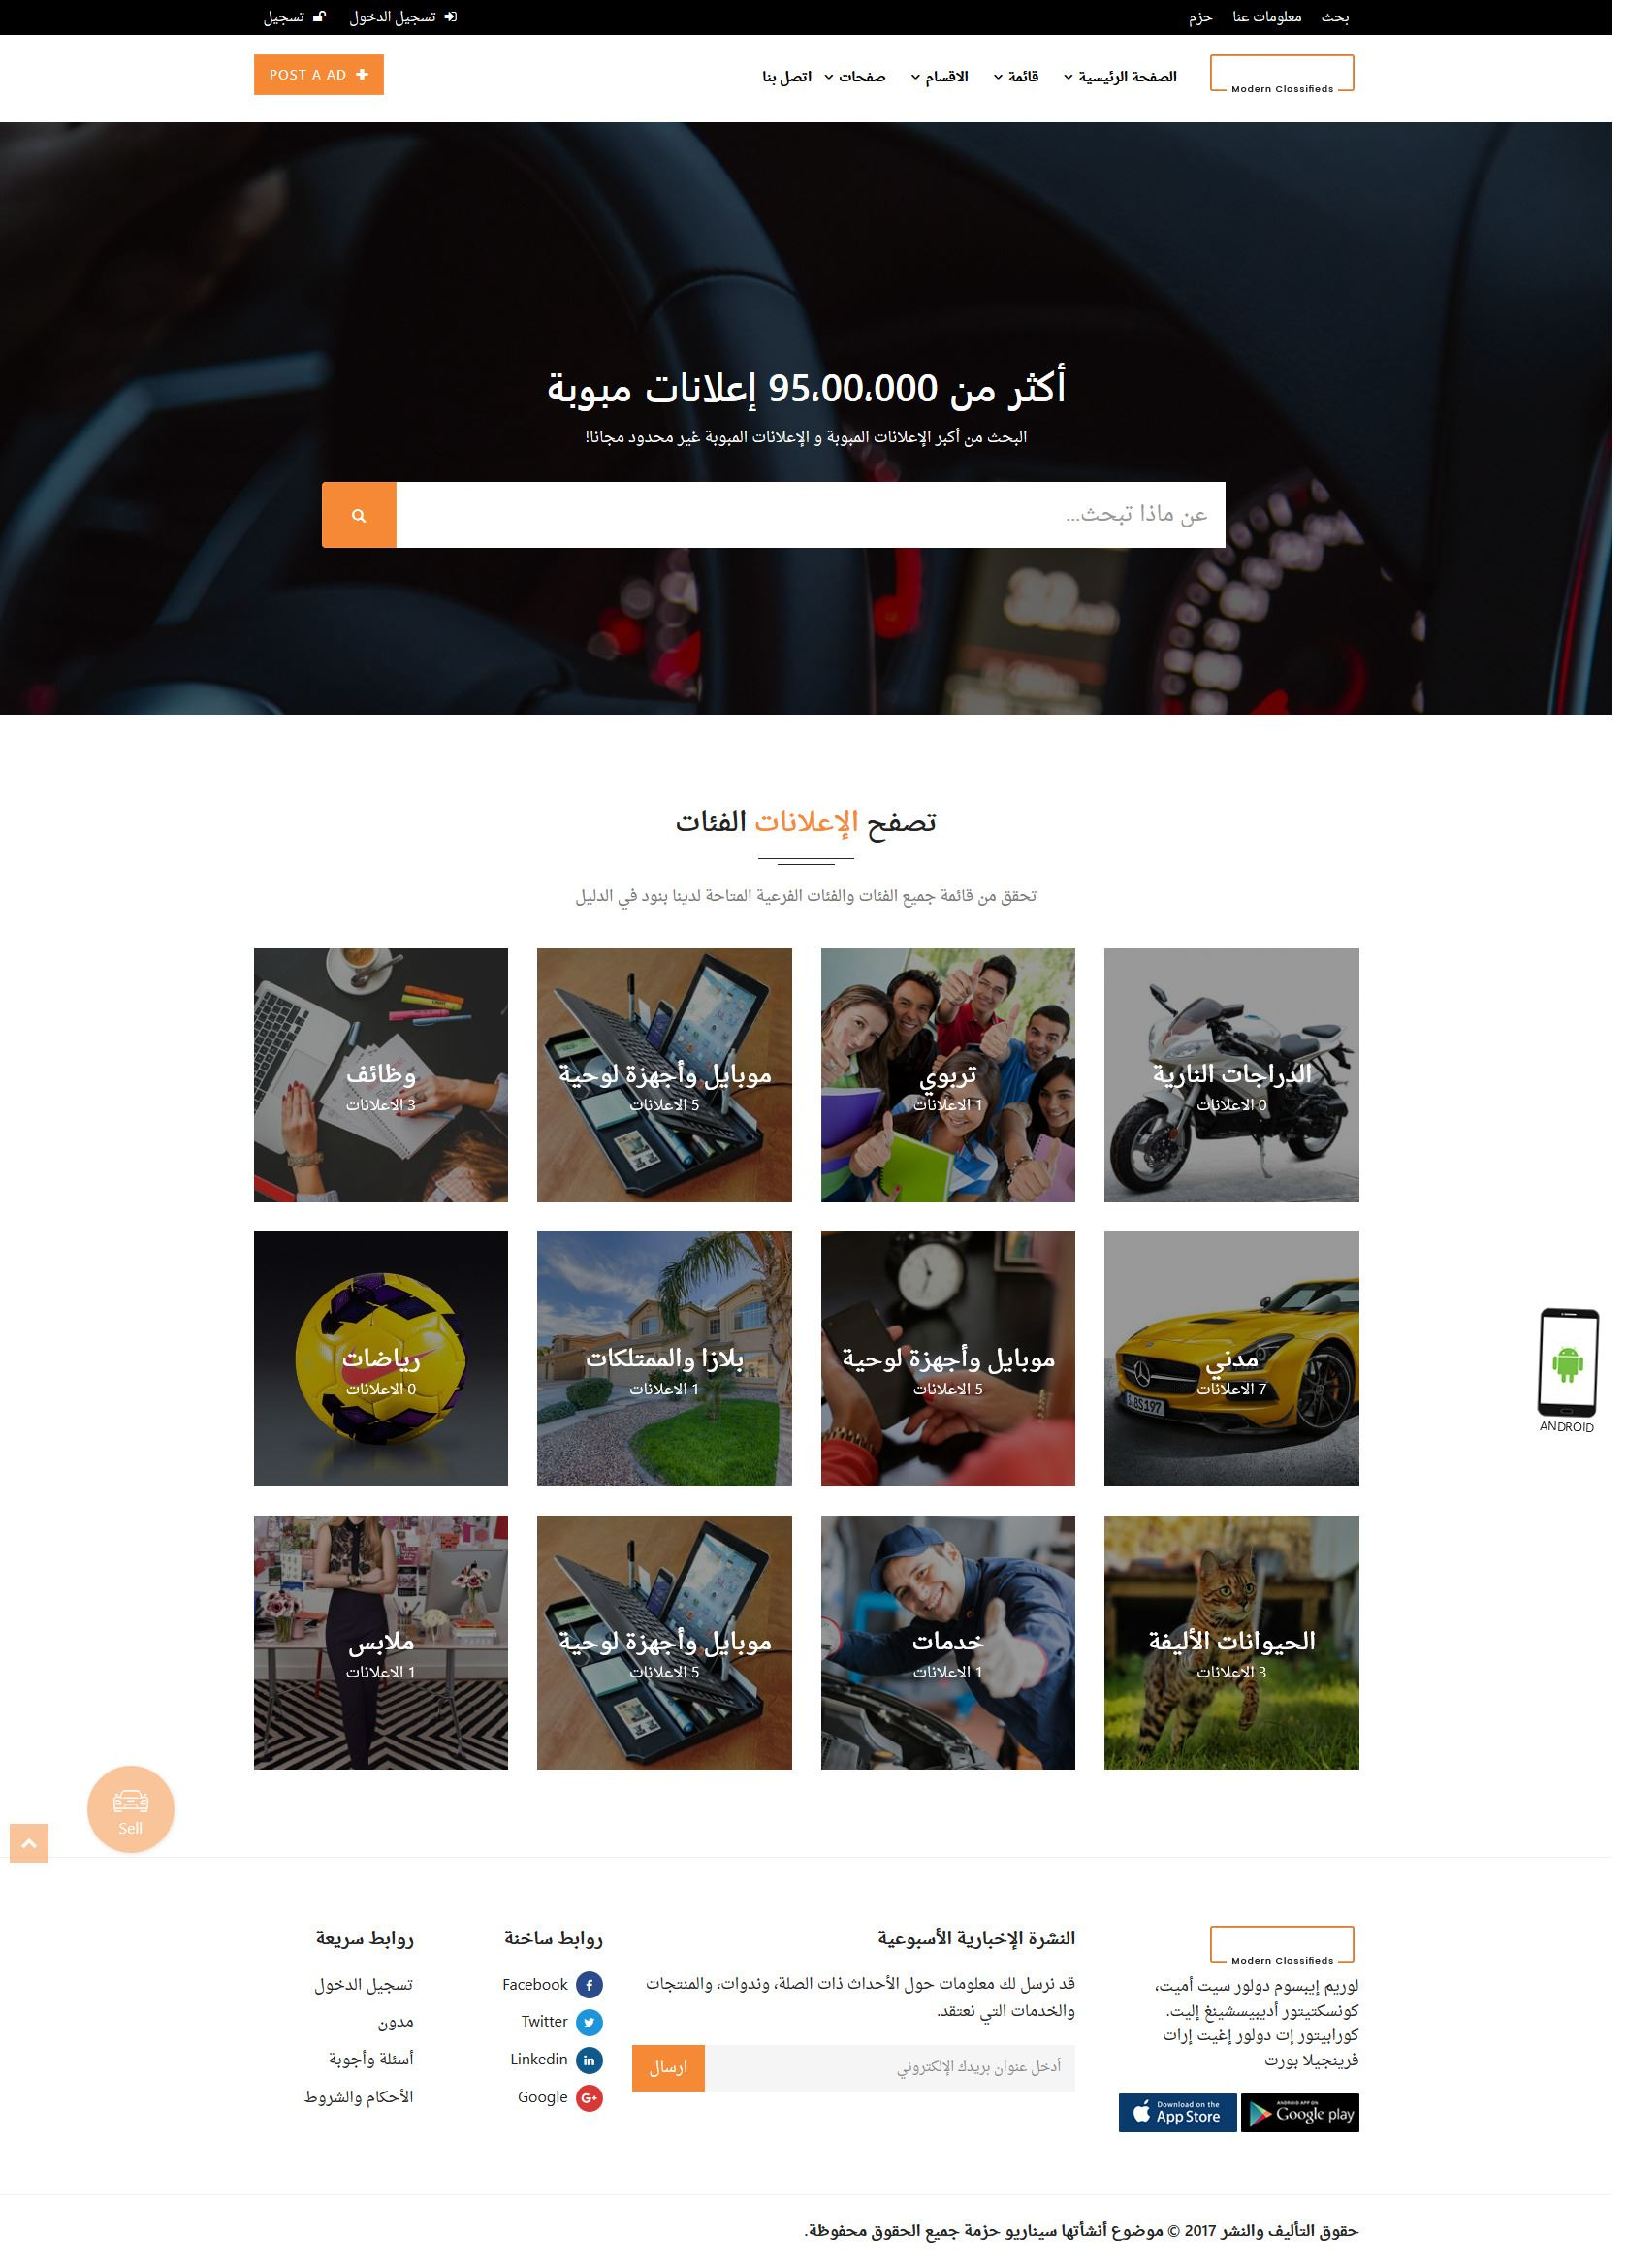 تصميم برنامج موقع سوق تسوق تسويق اعلانات مبوبة - صفحة موقع واجهة شاملة تصنيفات وعروض اعلانية 16